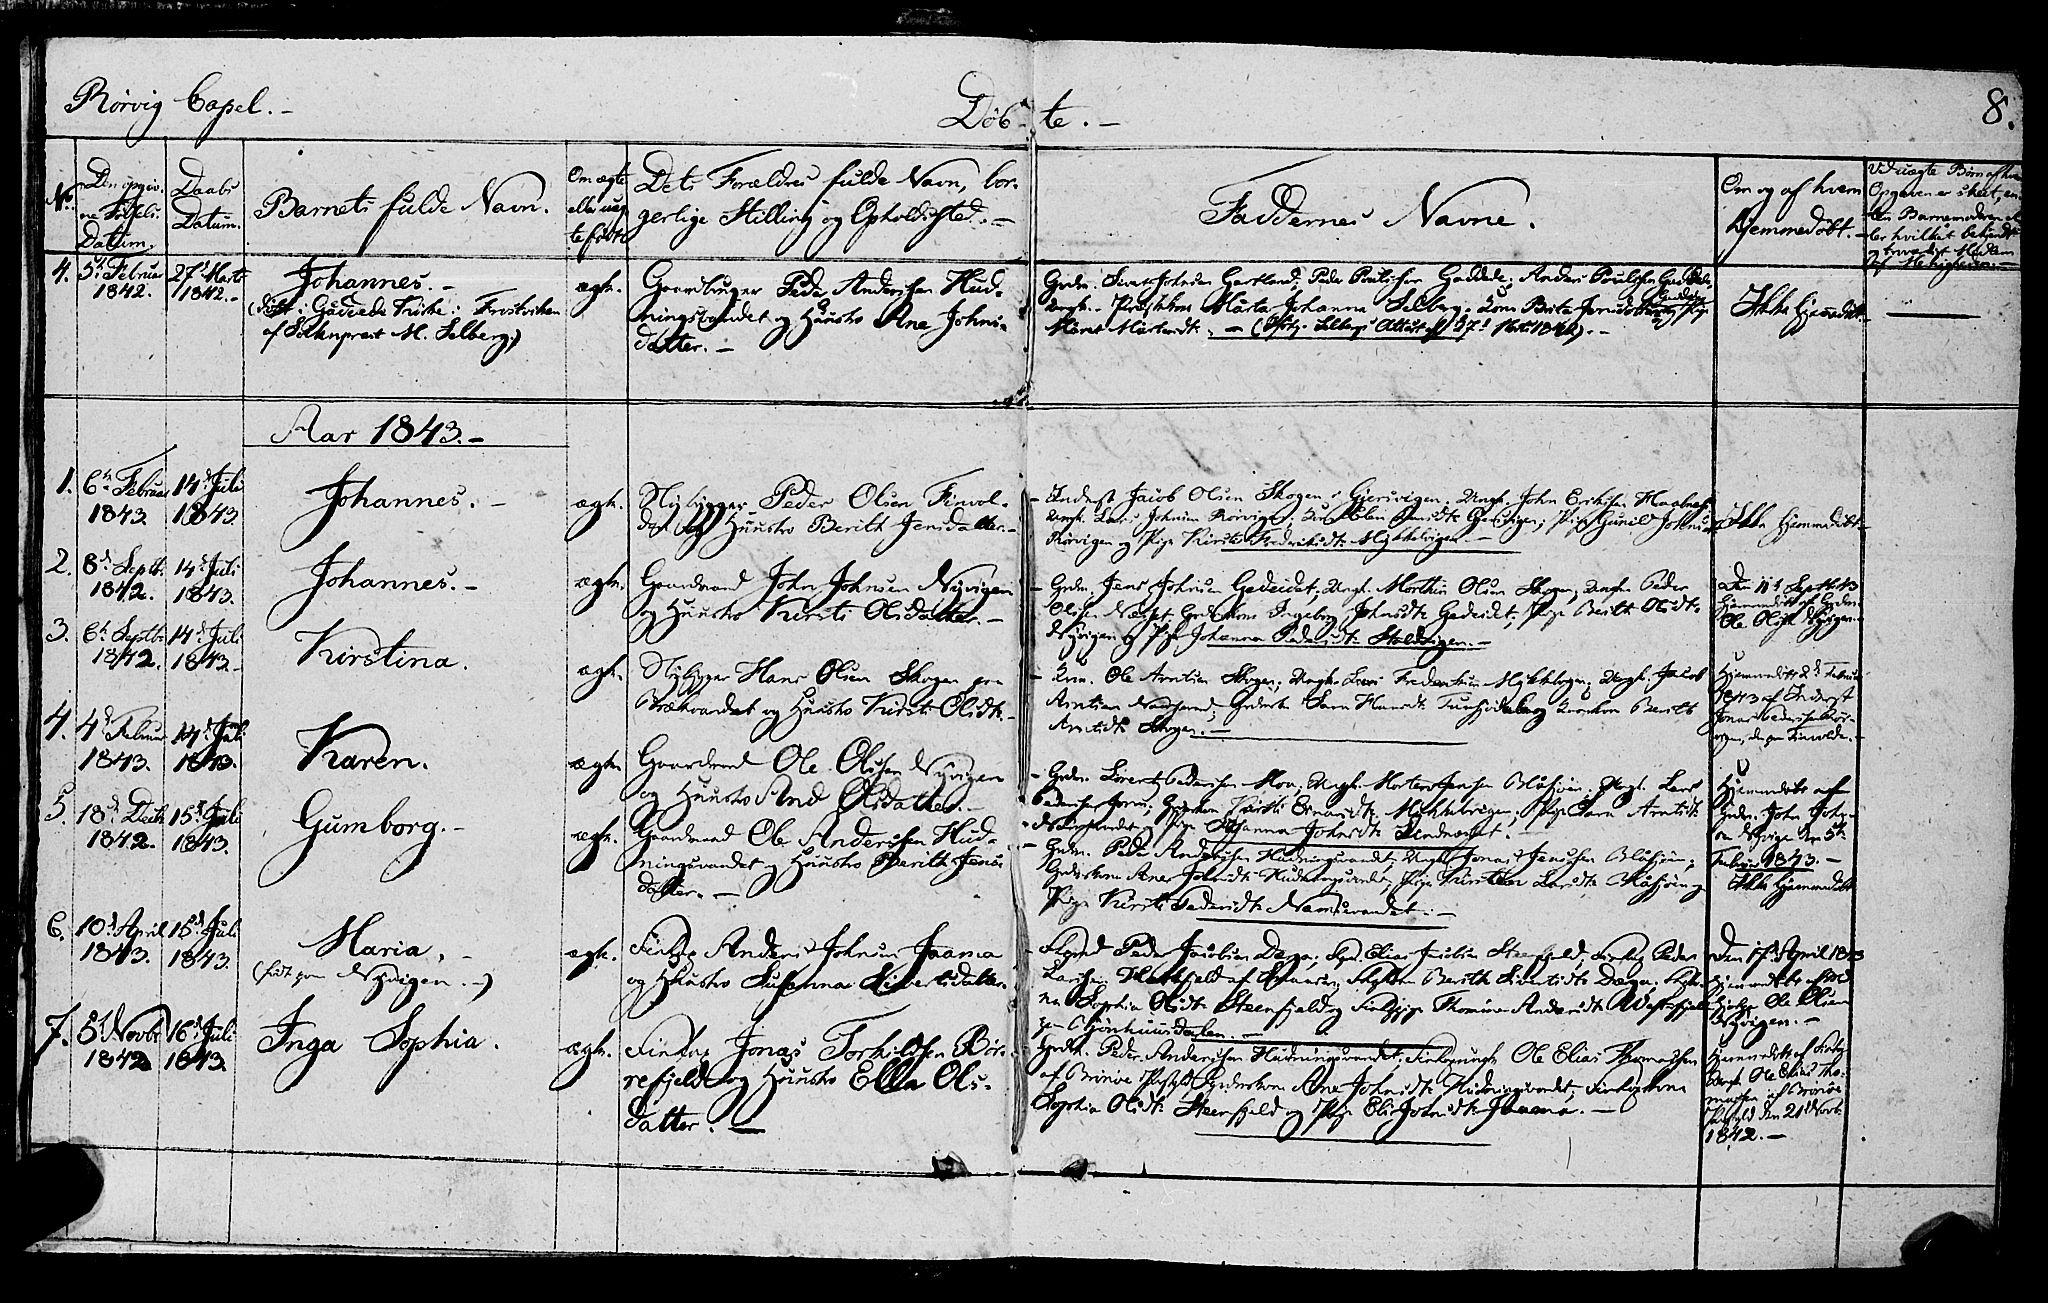 SAT, Ministerialprotokoller, klokkerbøker og fødselsregistre - Nord-Trøndelag, 762/L0538: Ministerialbok nr. 762A02 /1, 1833-1879, s. 8